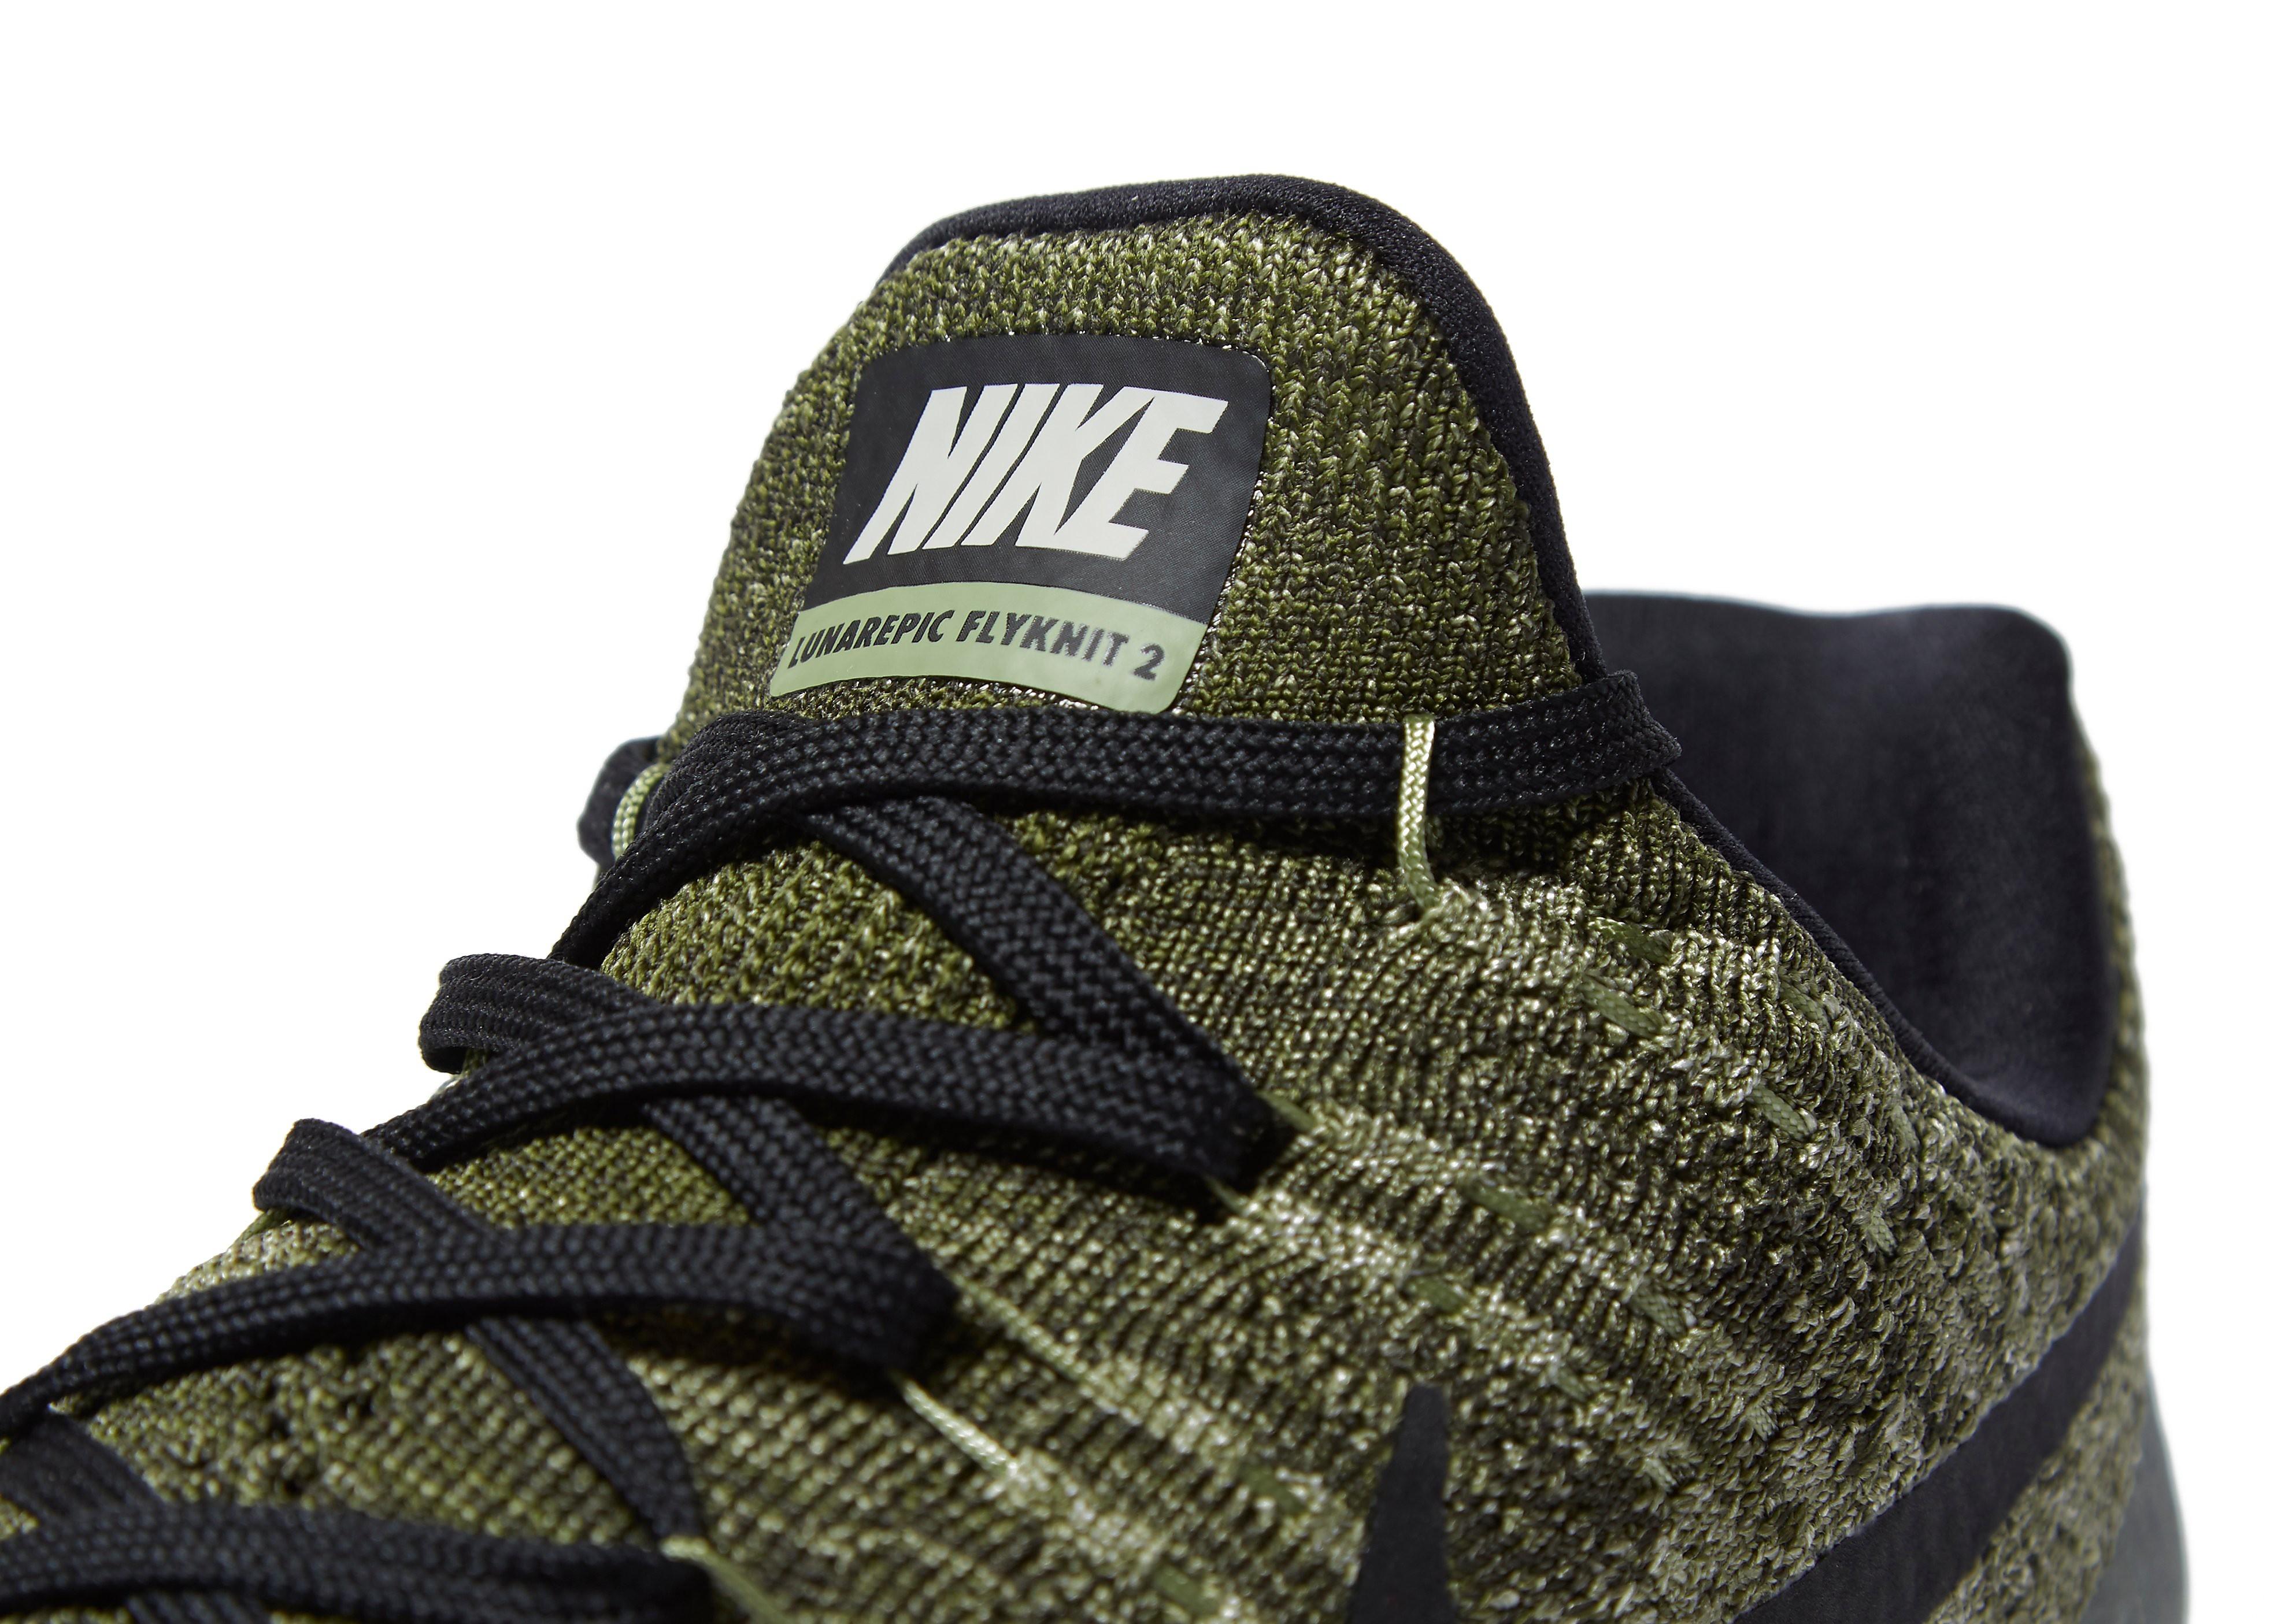 Nike LunarEpic Flyknit 2